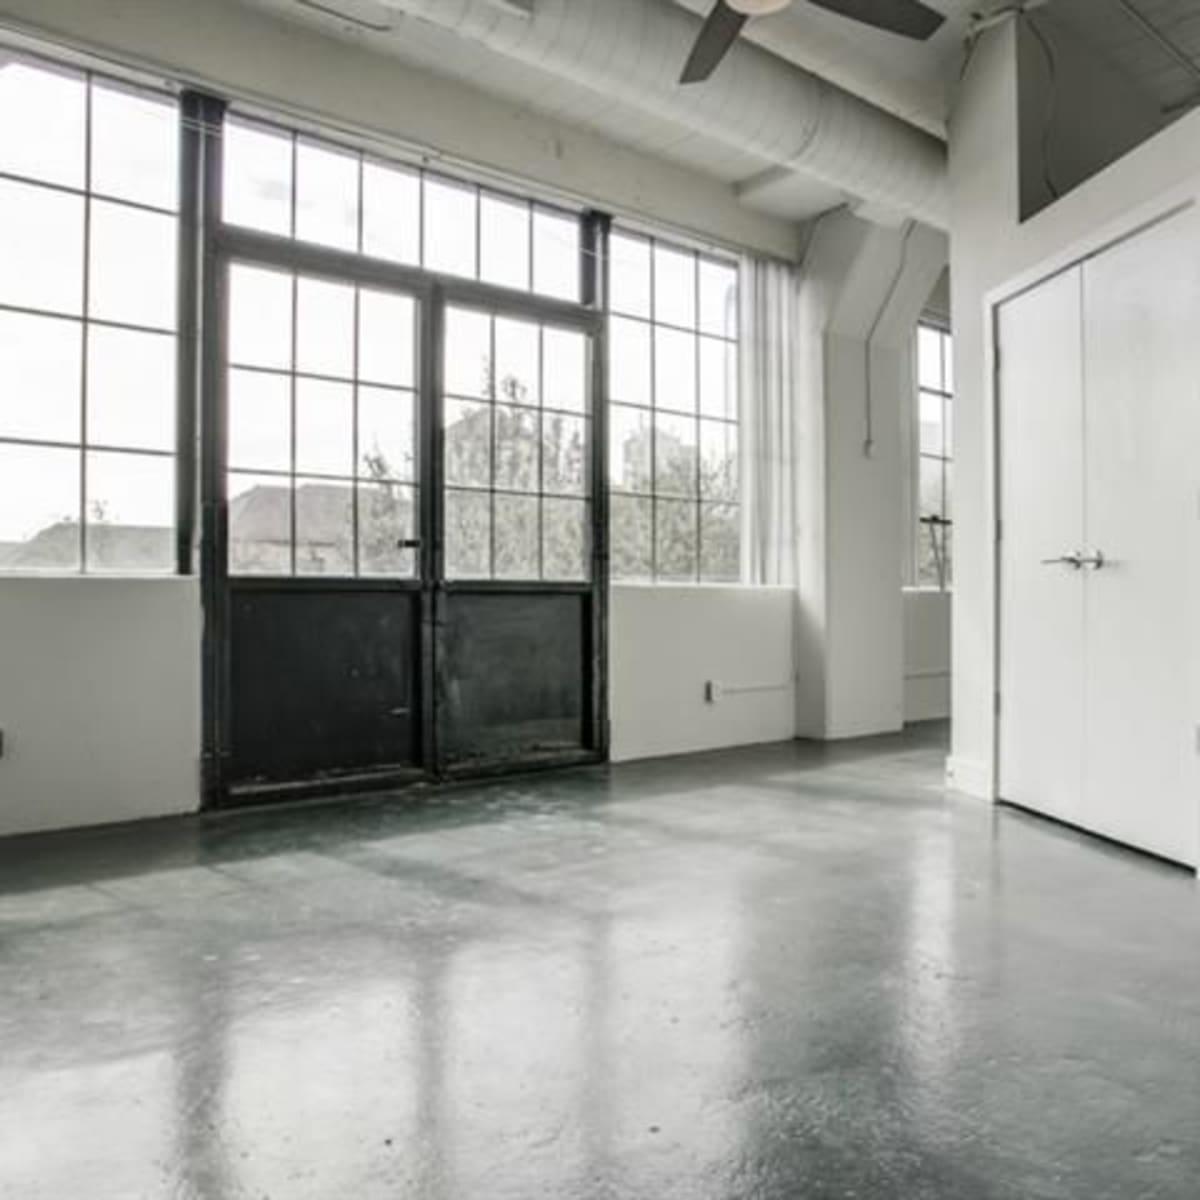 Interior of 2220 Canton St. in Dallas